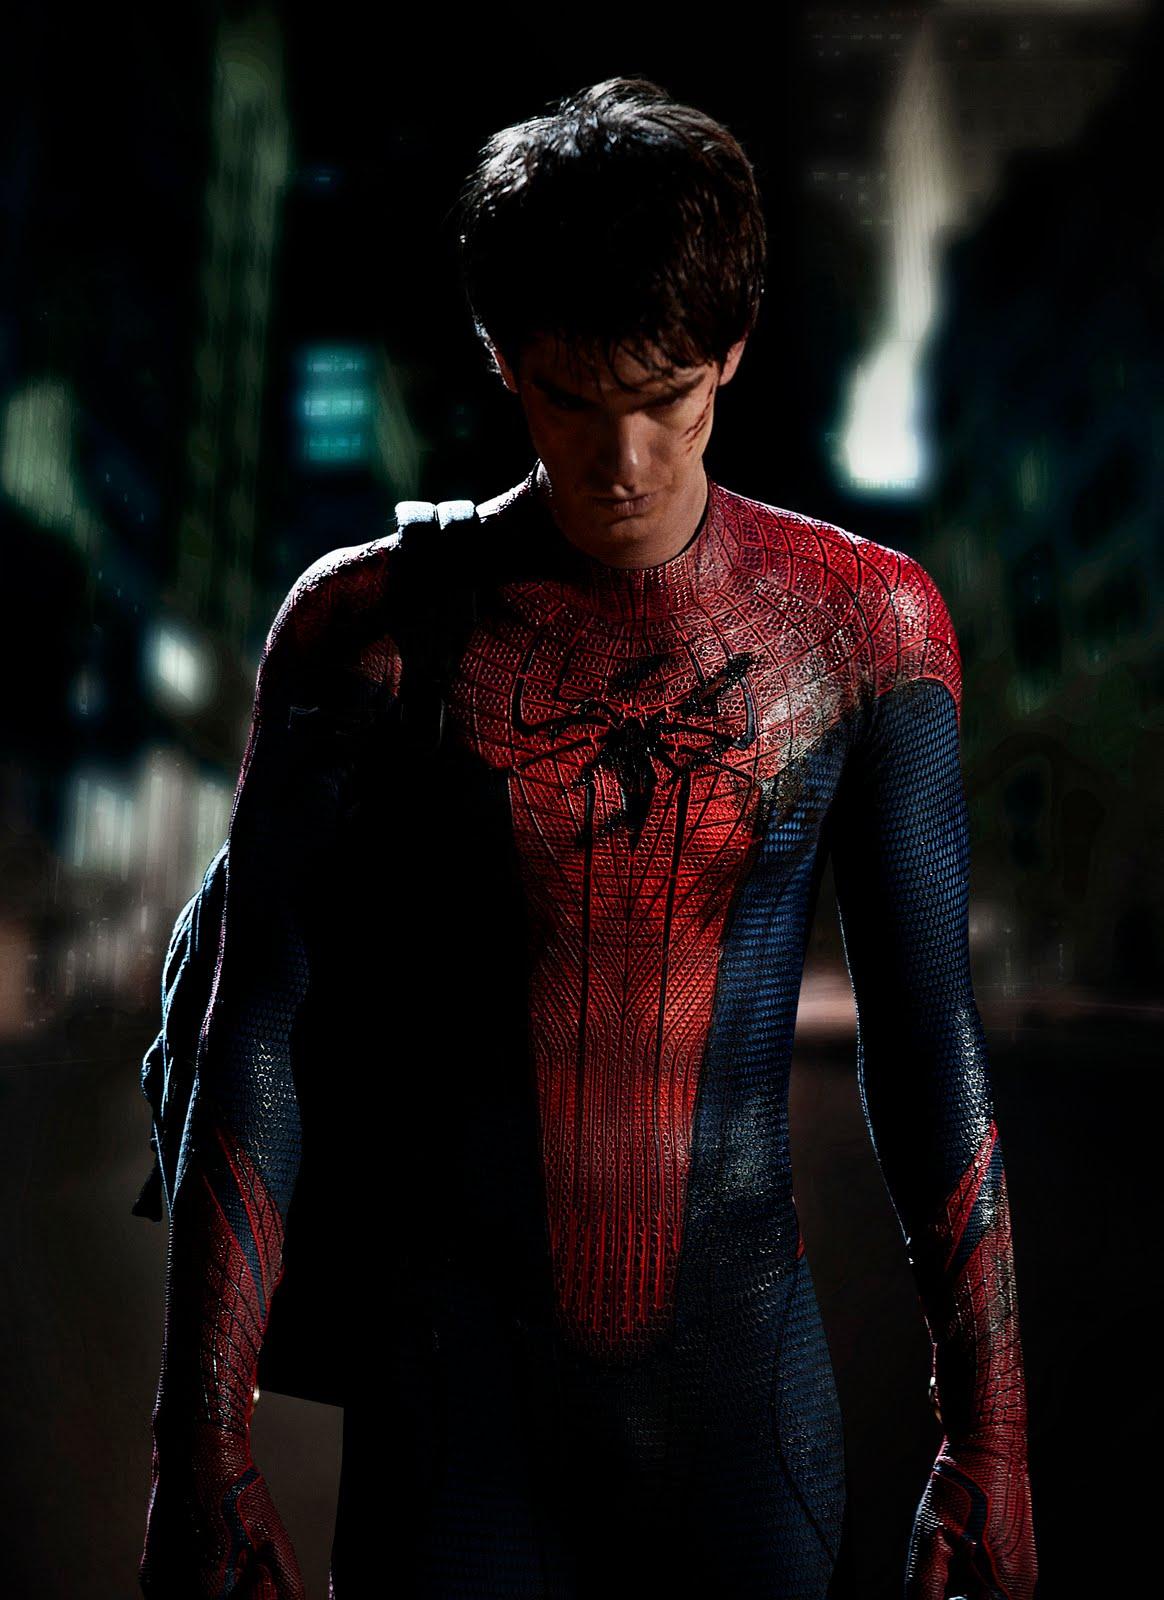 http://1.bp.blogspot.com/_FAzJgipTg6E/TTU7NnbLS-I/AAAAAAAAAR0/TGG8bDAlRJ8/s1600/Andrew+Garfield+as+Spider-Man.jpg